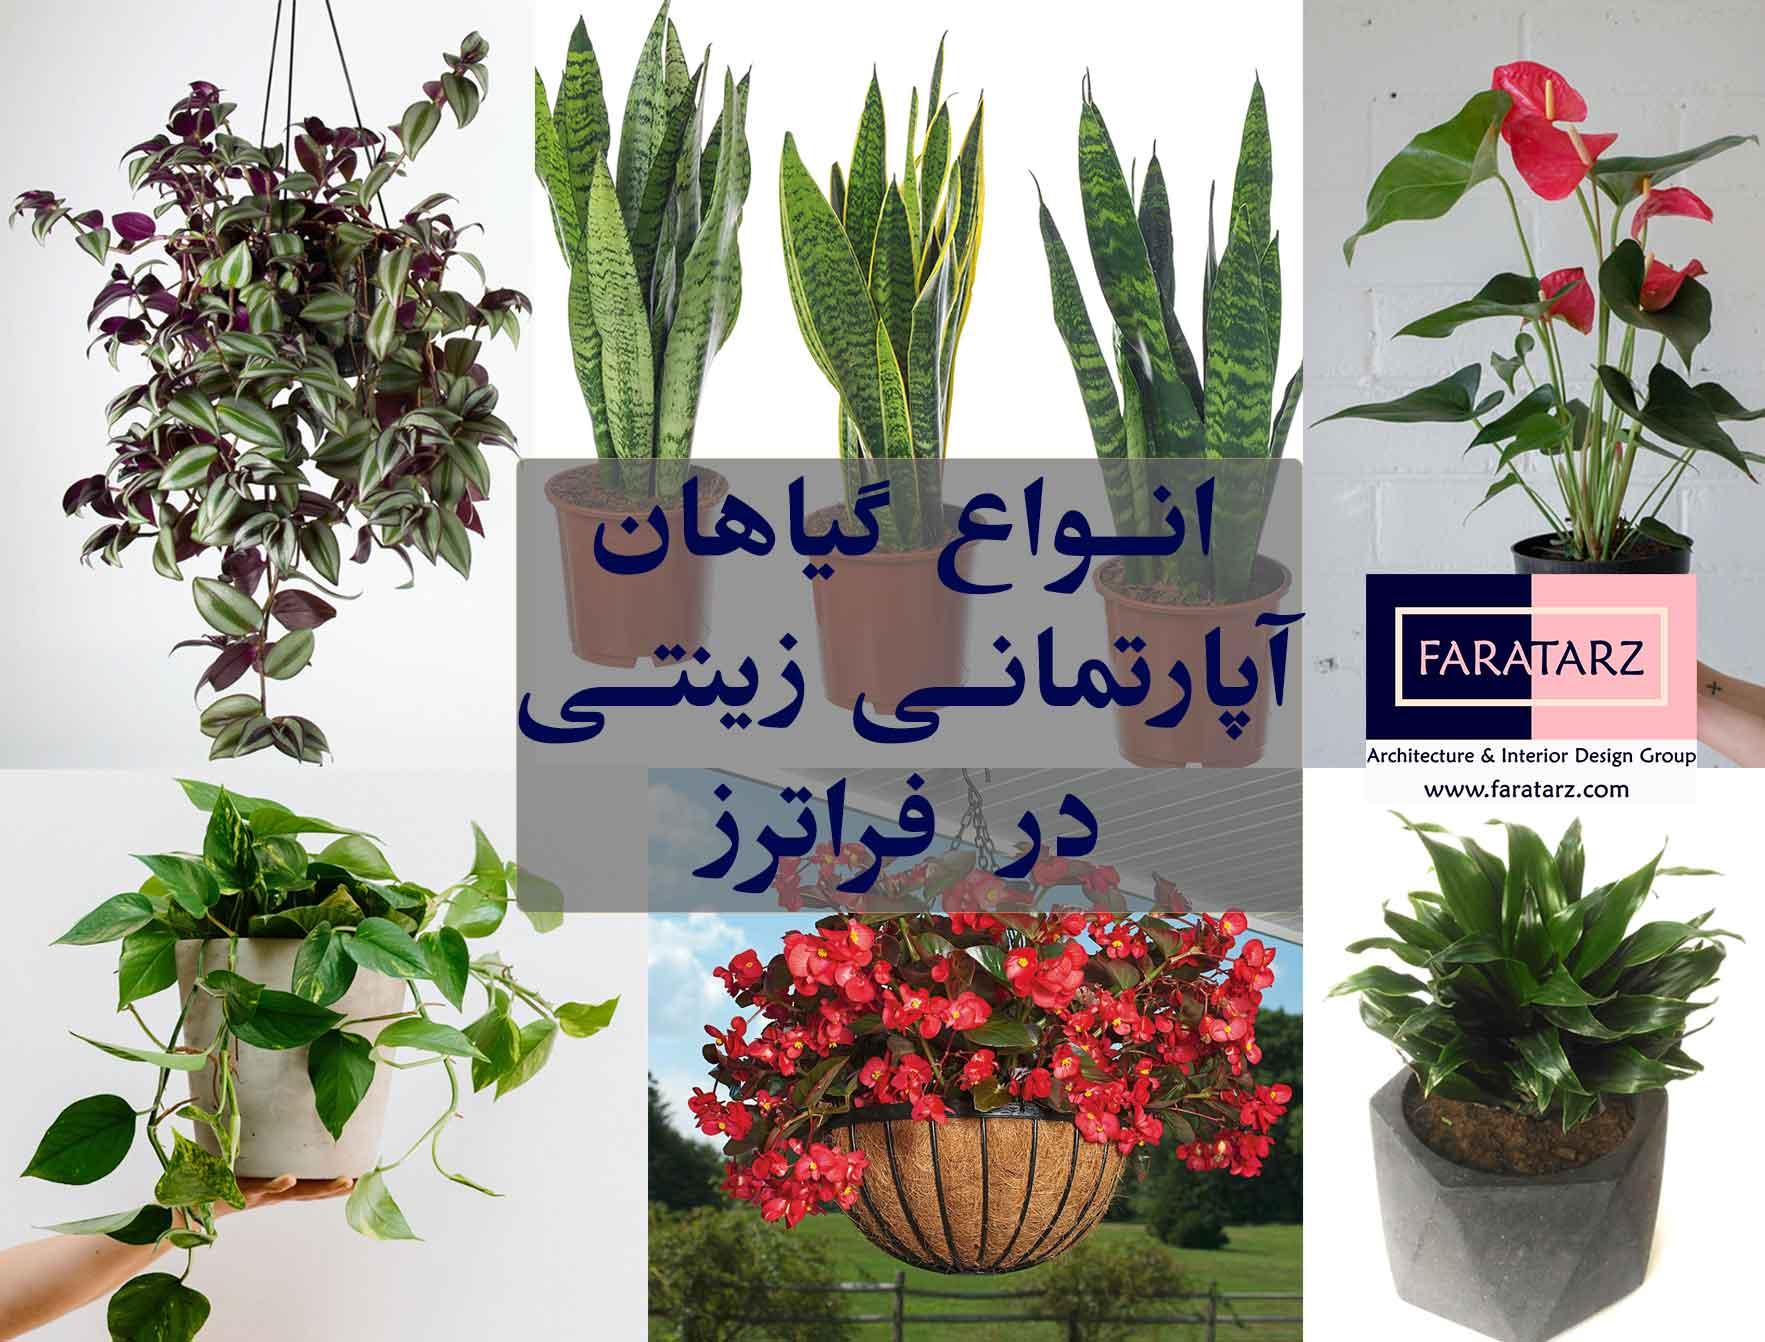 محبوب ترین انواع گیاهان آپارتمانی زینتی